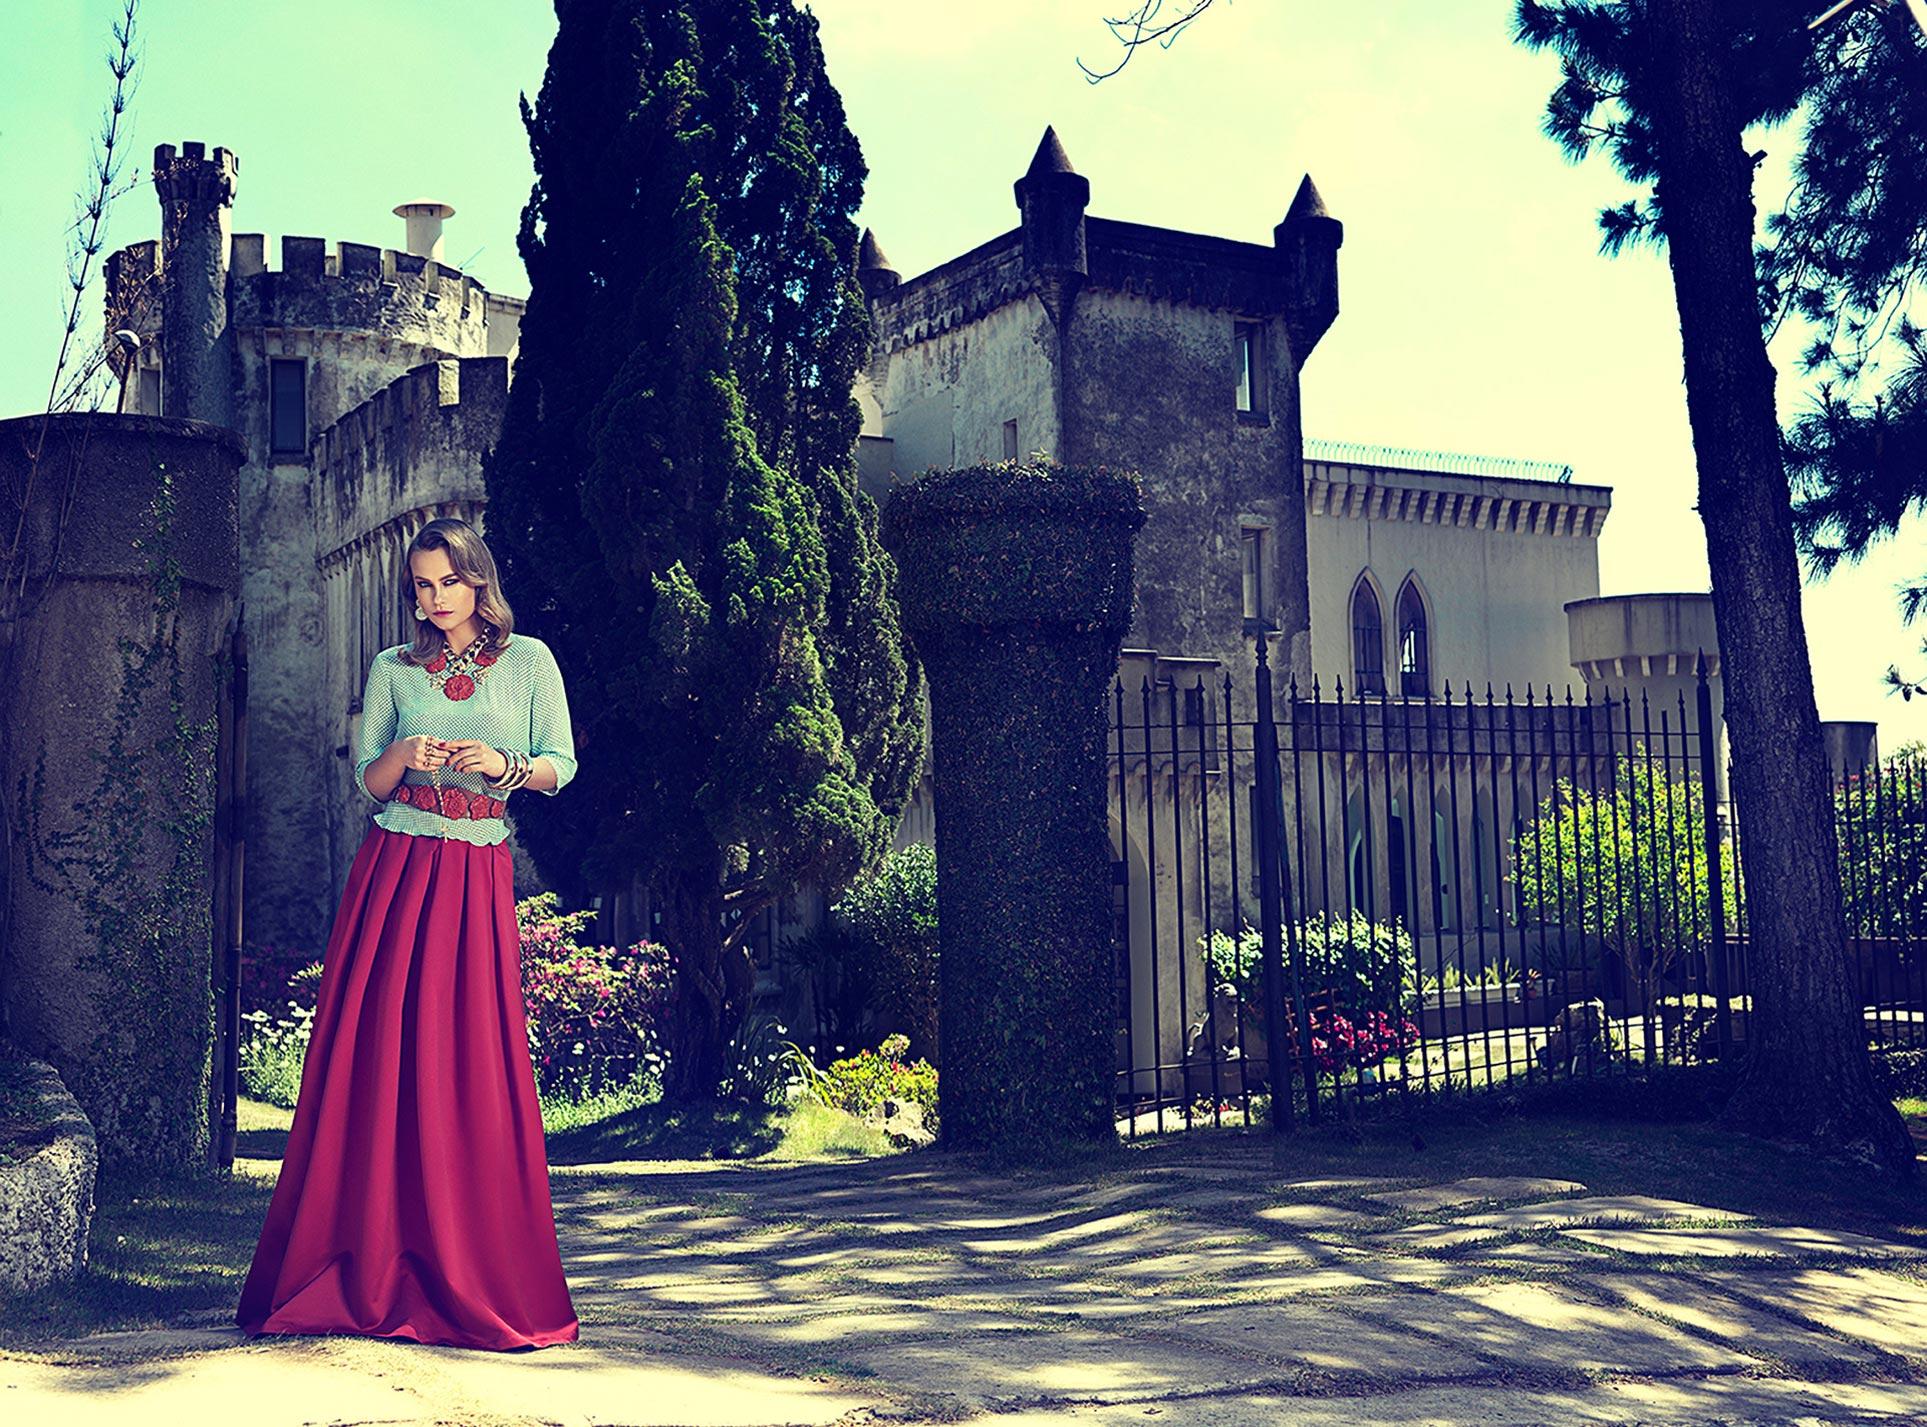 Модный показ на фоне цветущих пейзажей Сицилии / фото 01